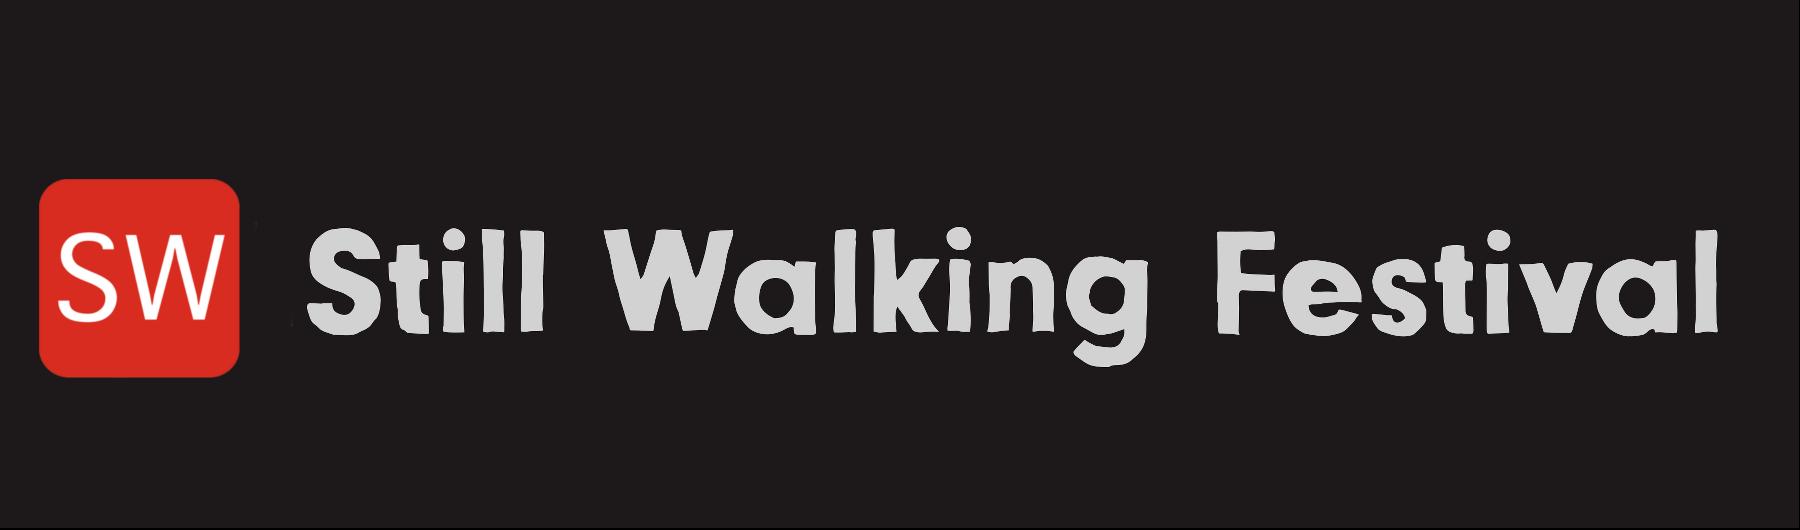 Still Walking Festival 2017